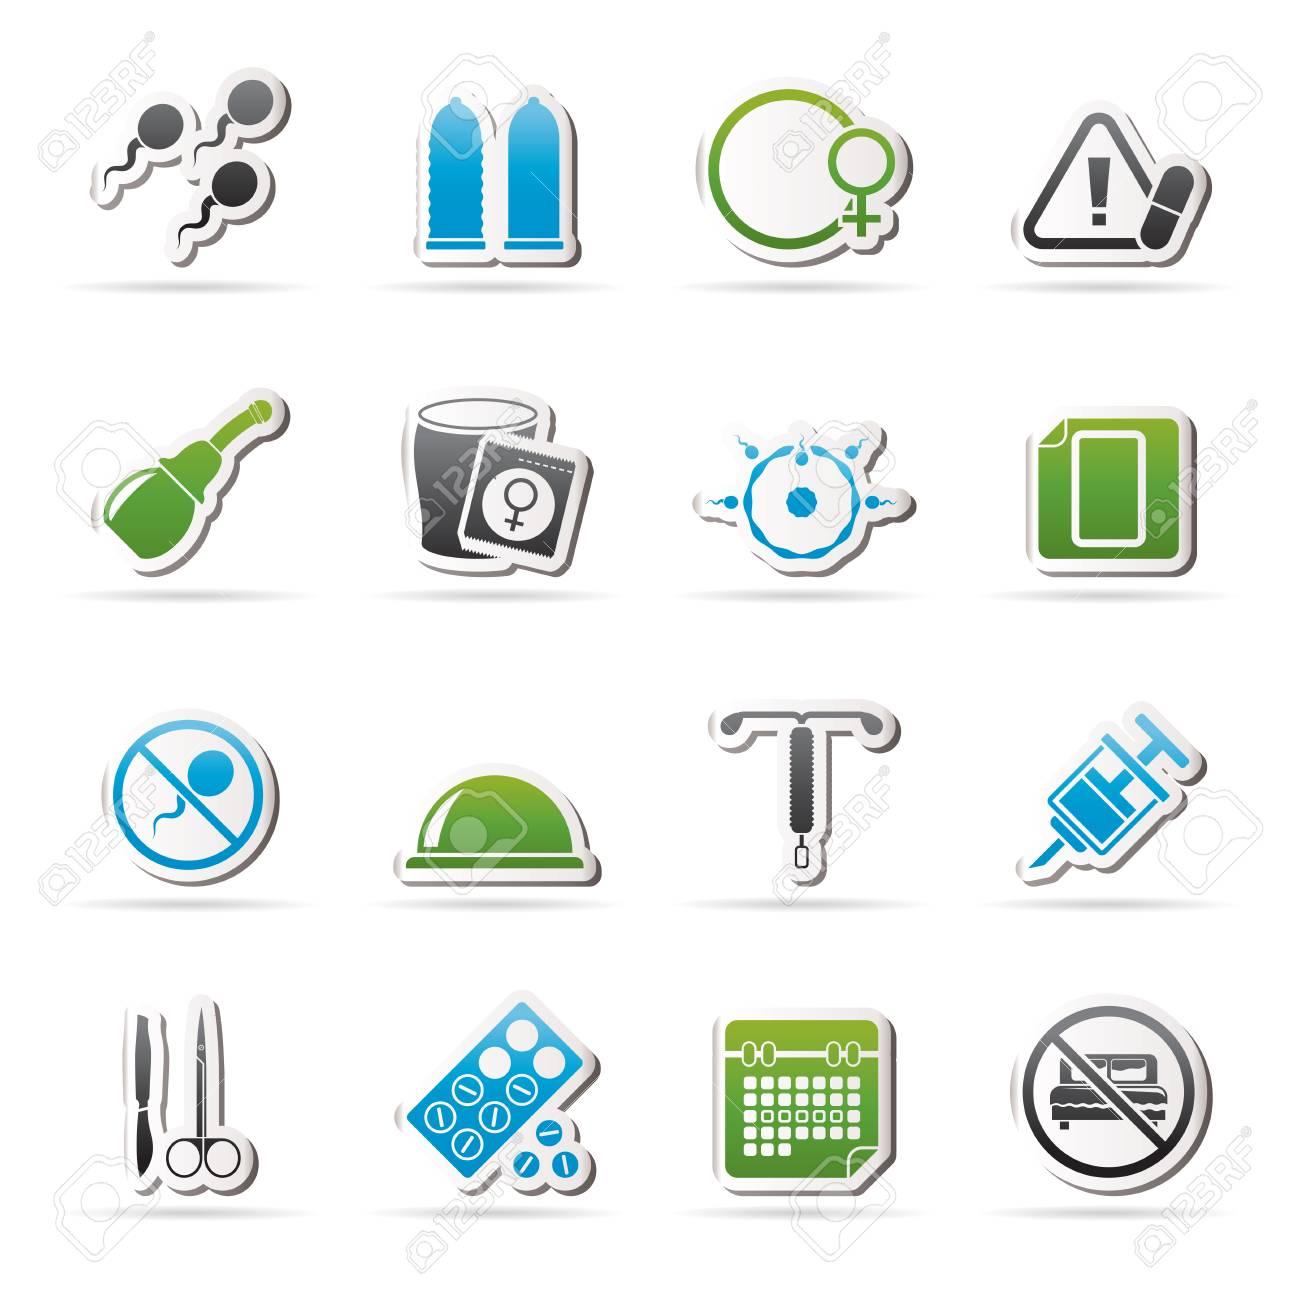 bacdc81f1 El embarazo y la anticoncepción de iconos - vector icono conjunto Foto de  archivo - 53383334